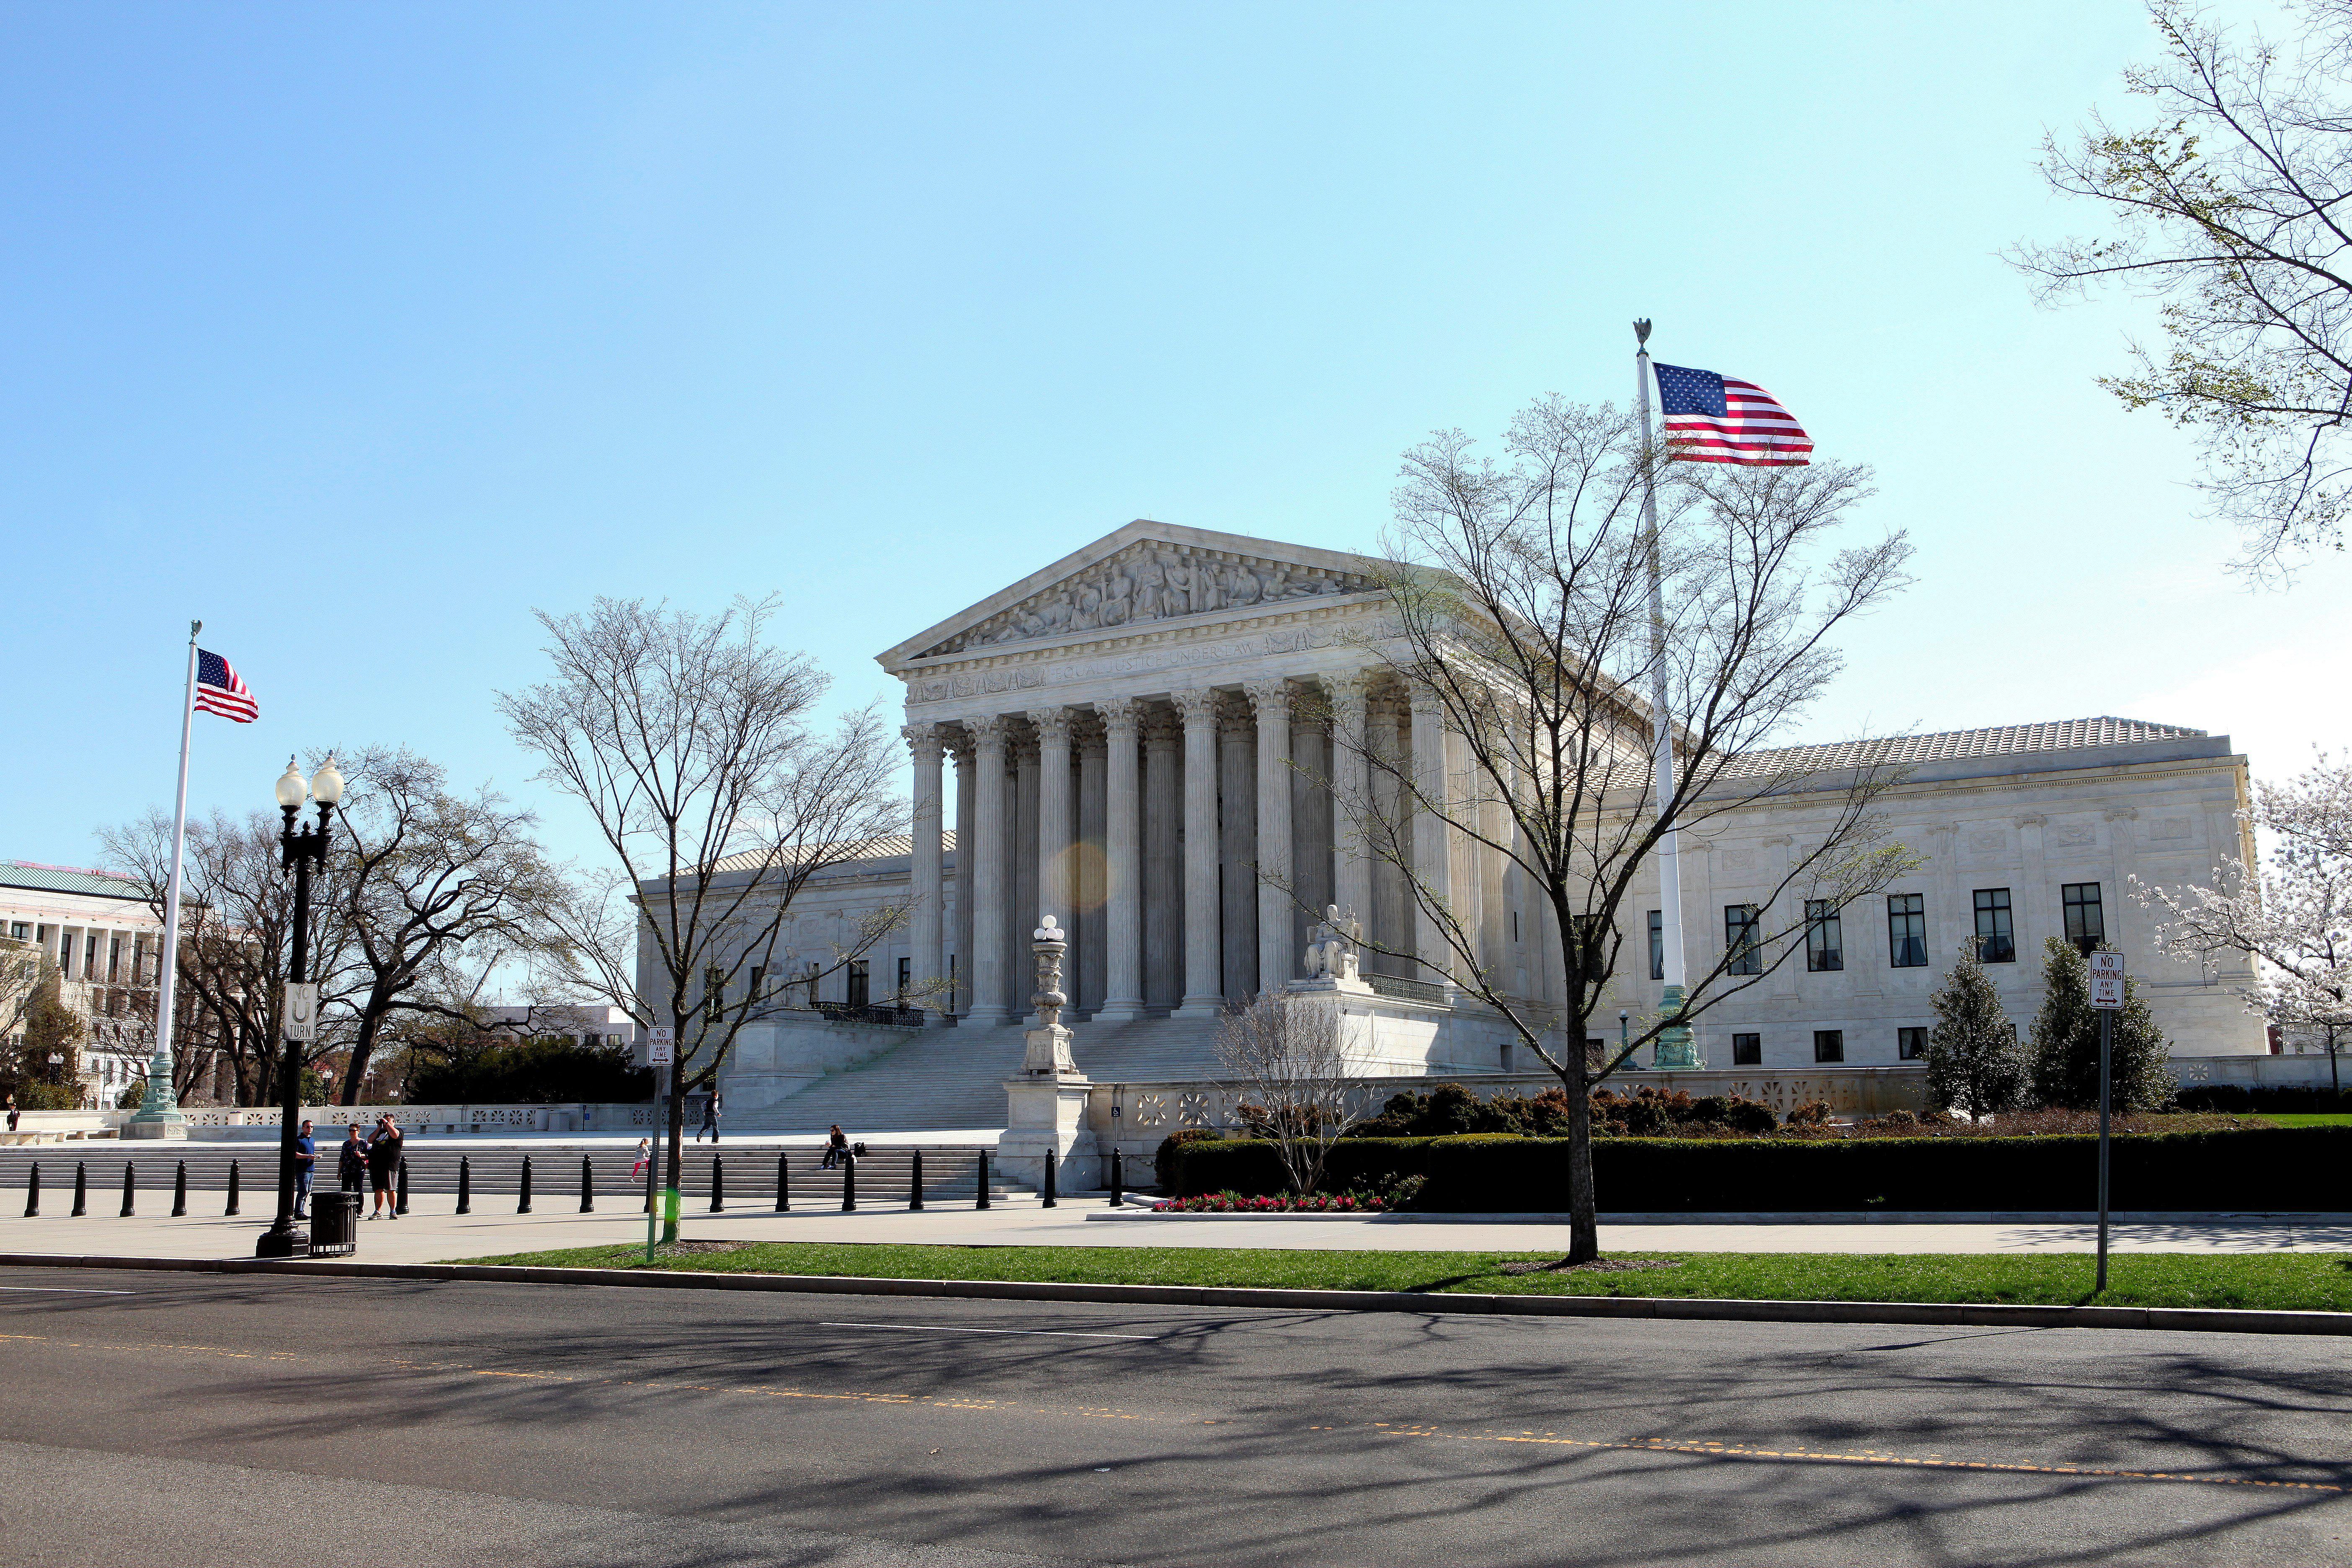 The Architecture Of The U S Supreme Court